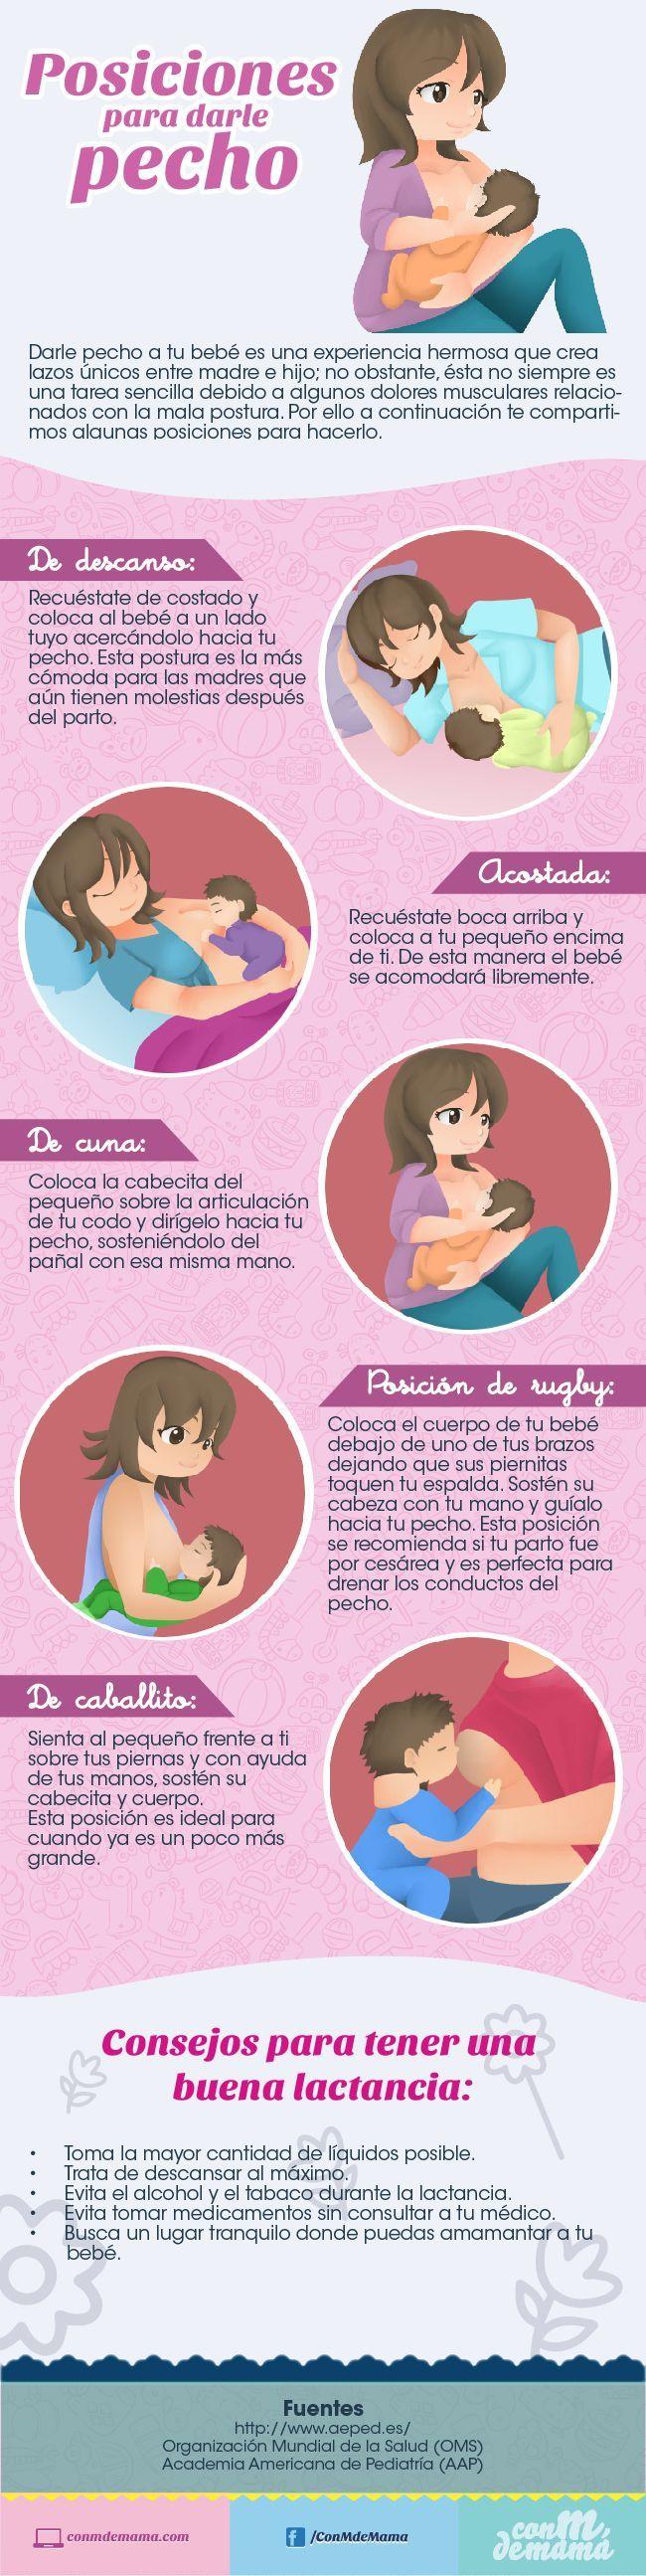 Leche materna e hipotiroidismo